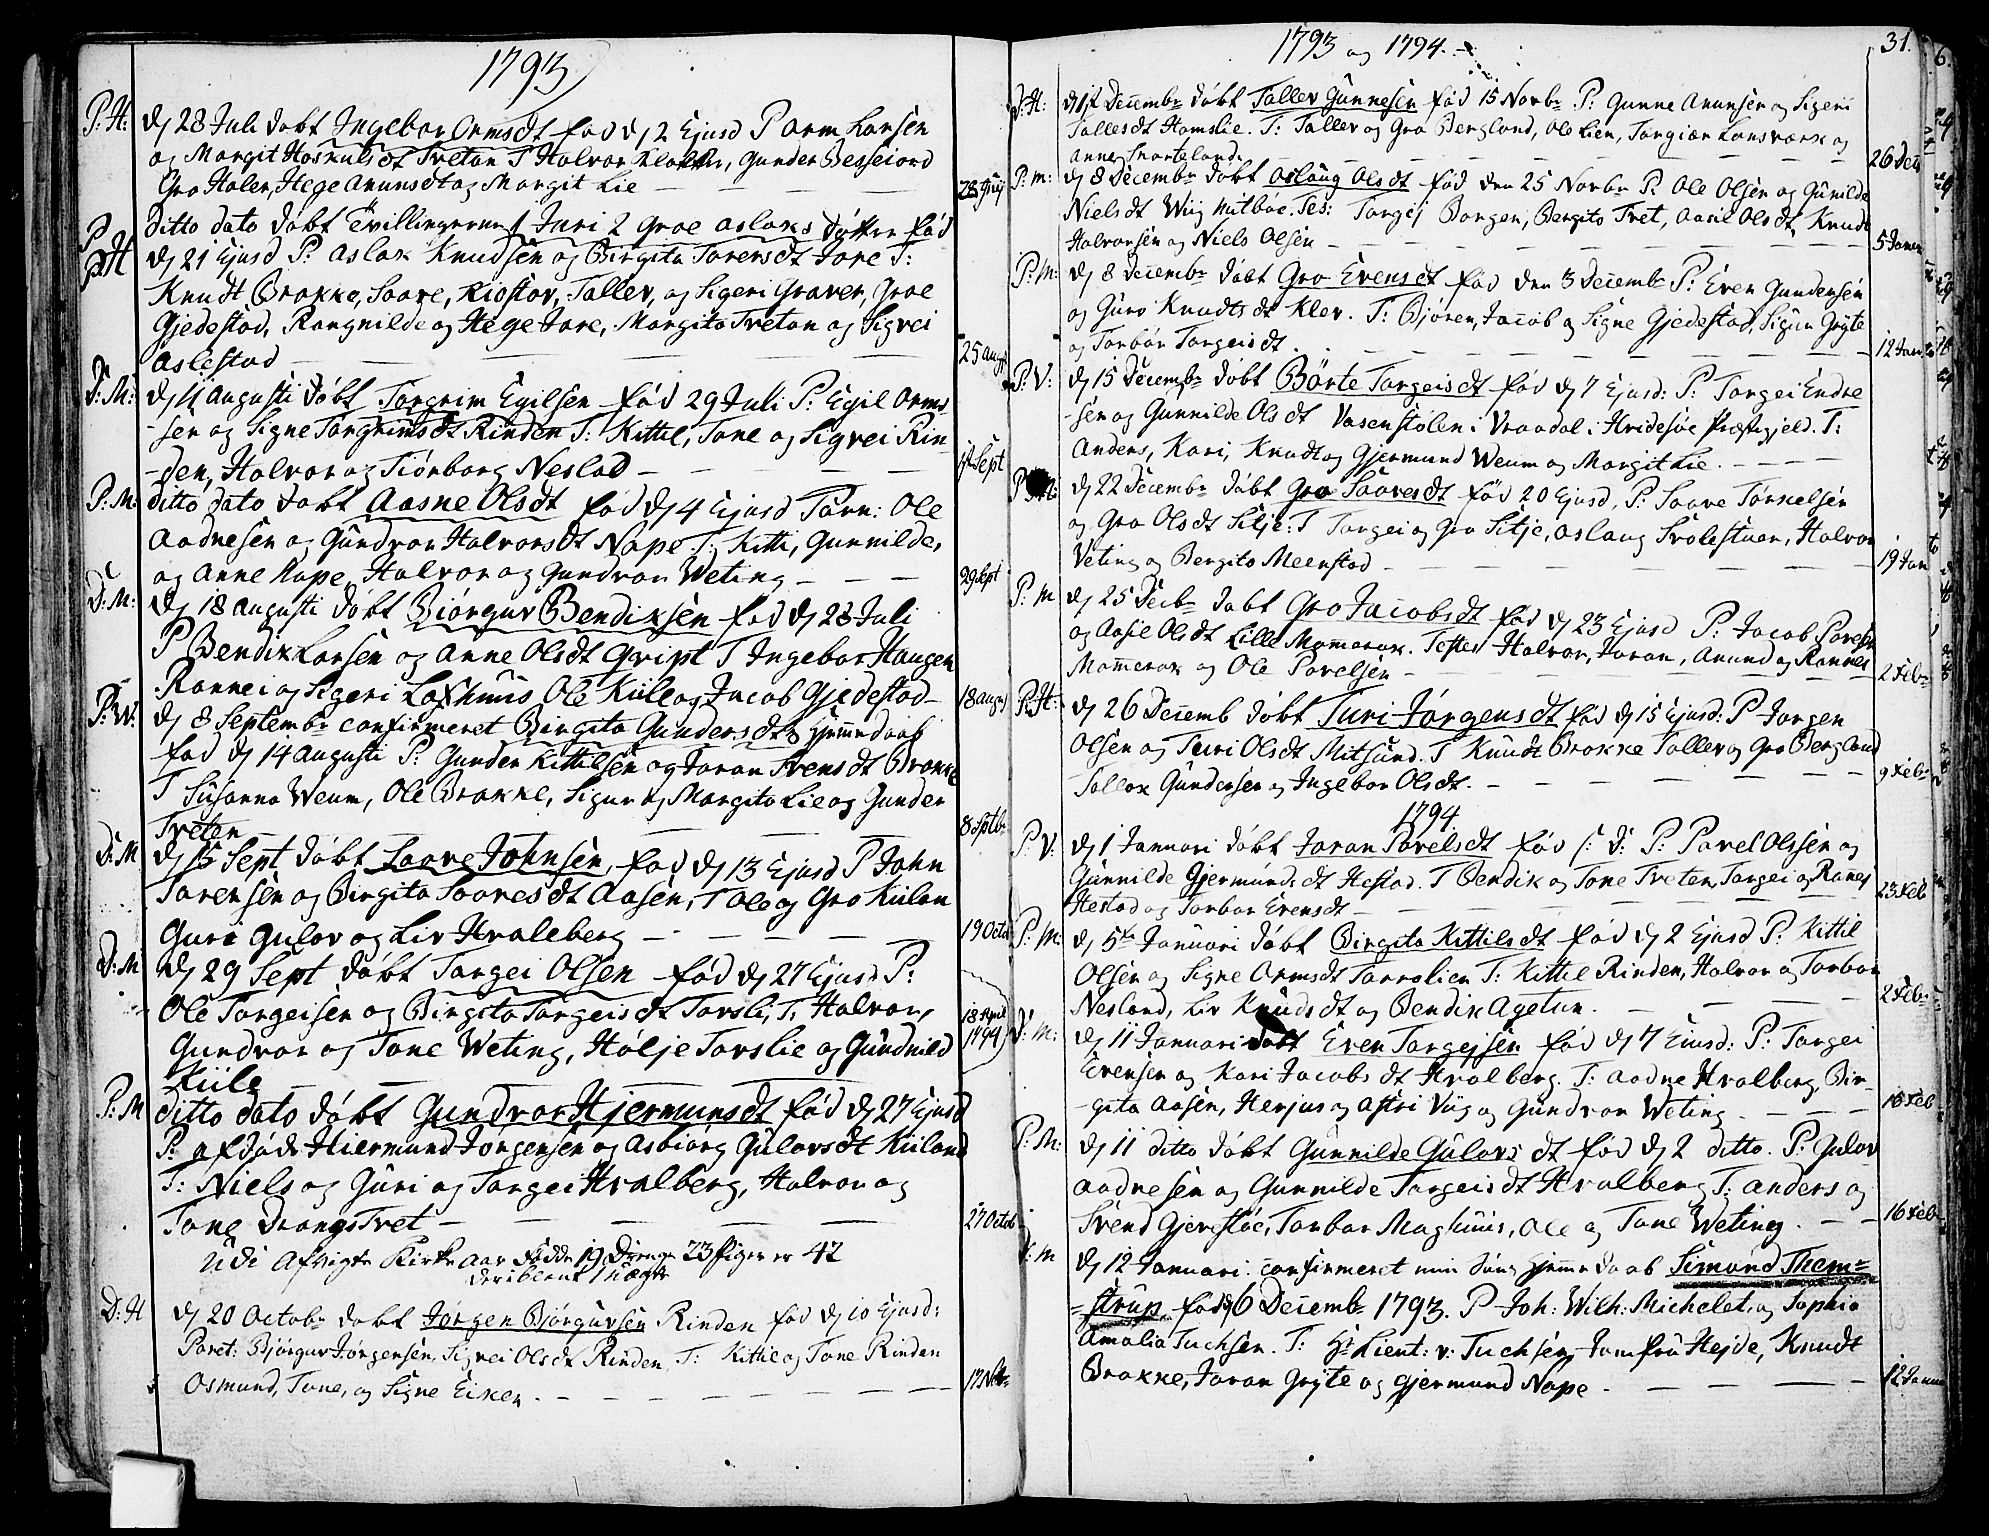 SAKO, Fyresdal kirkebøker, F/Fa/L0002: Ministerialbok nr. I 2, 1769-1814, s. 31